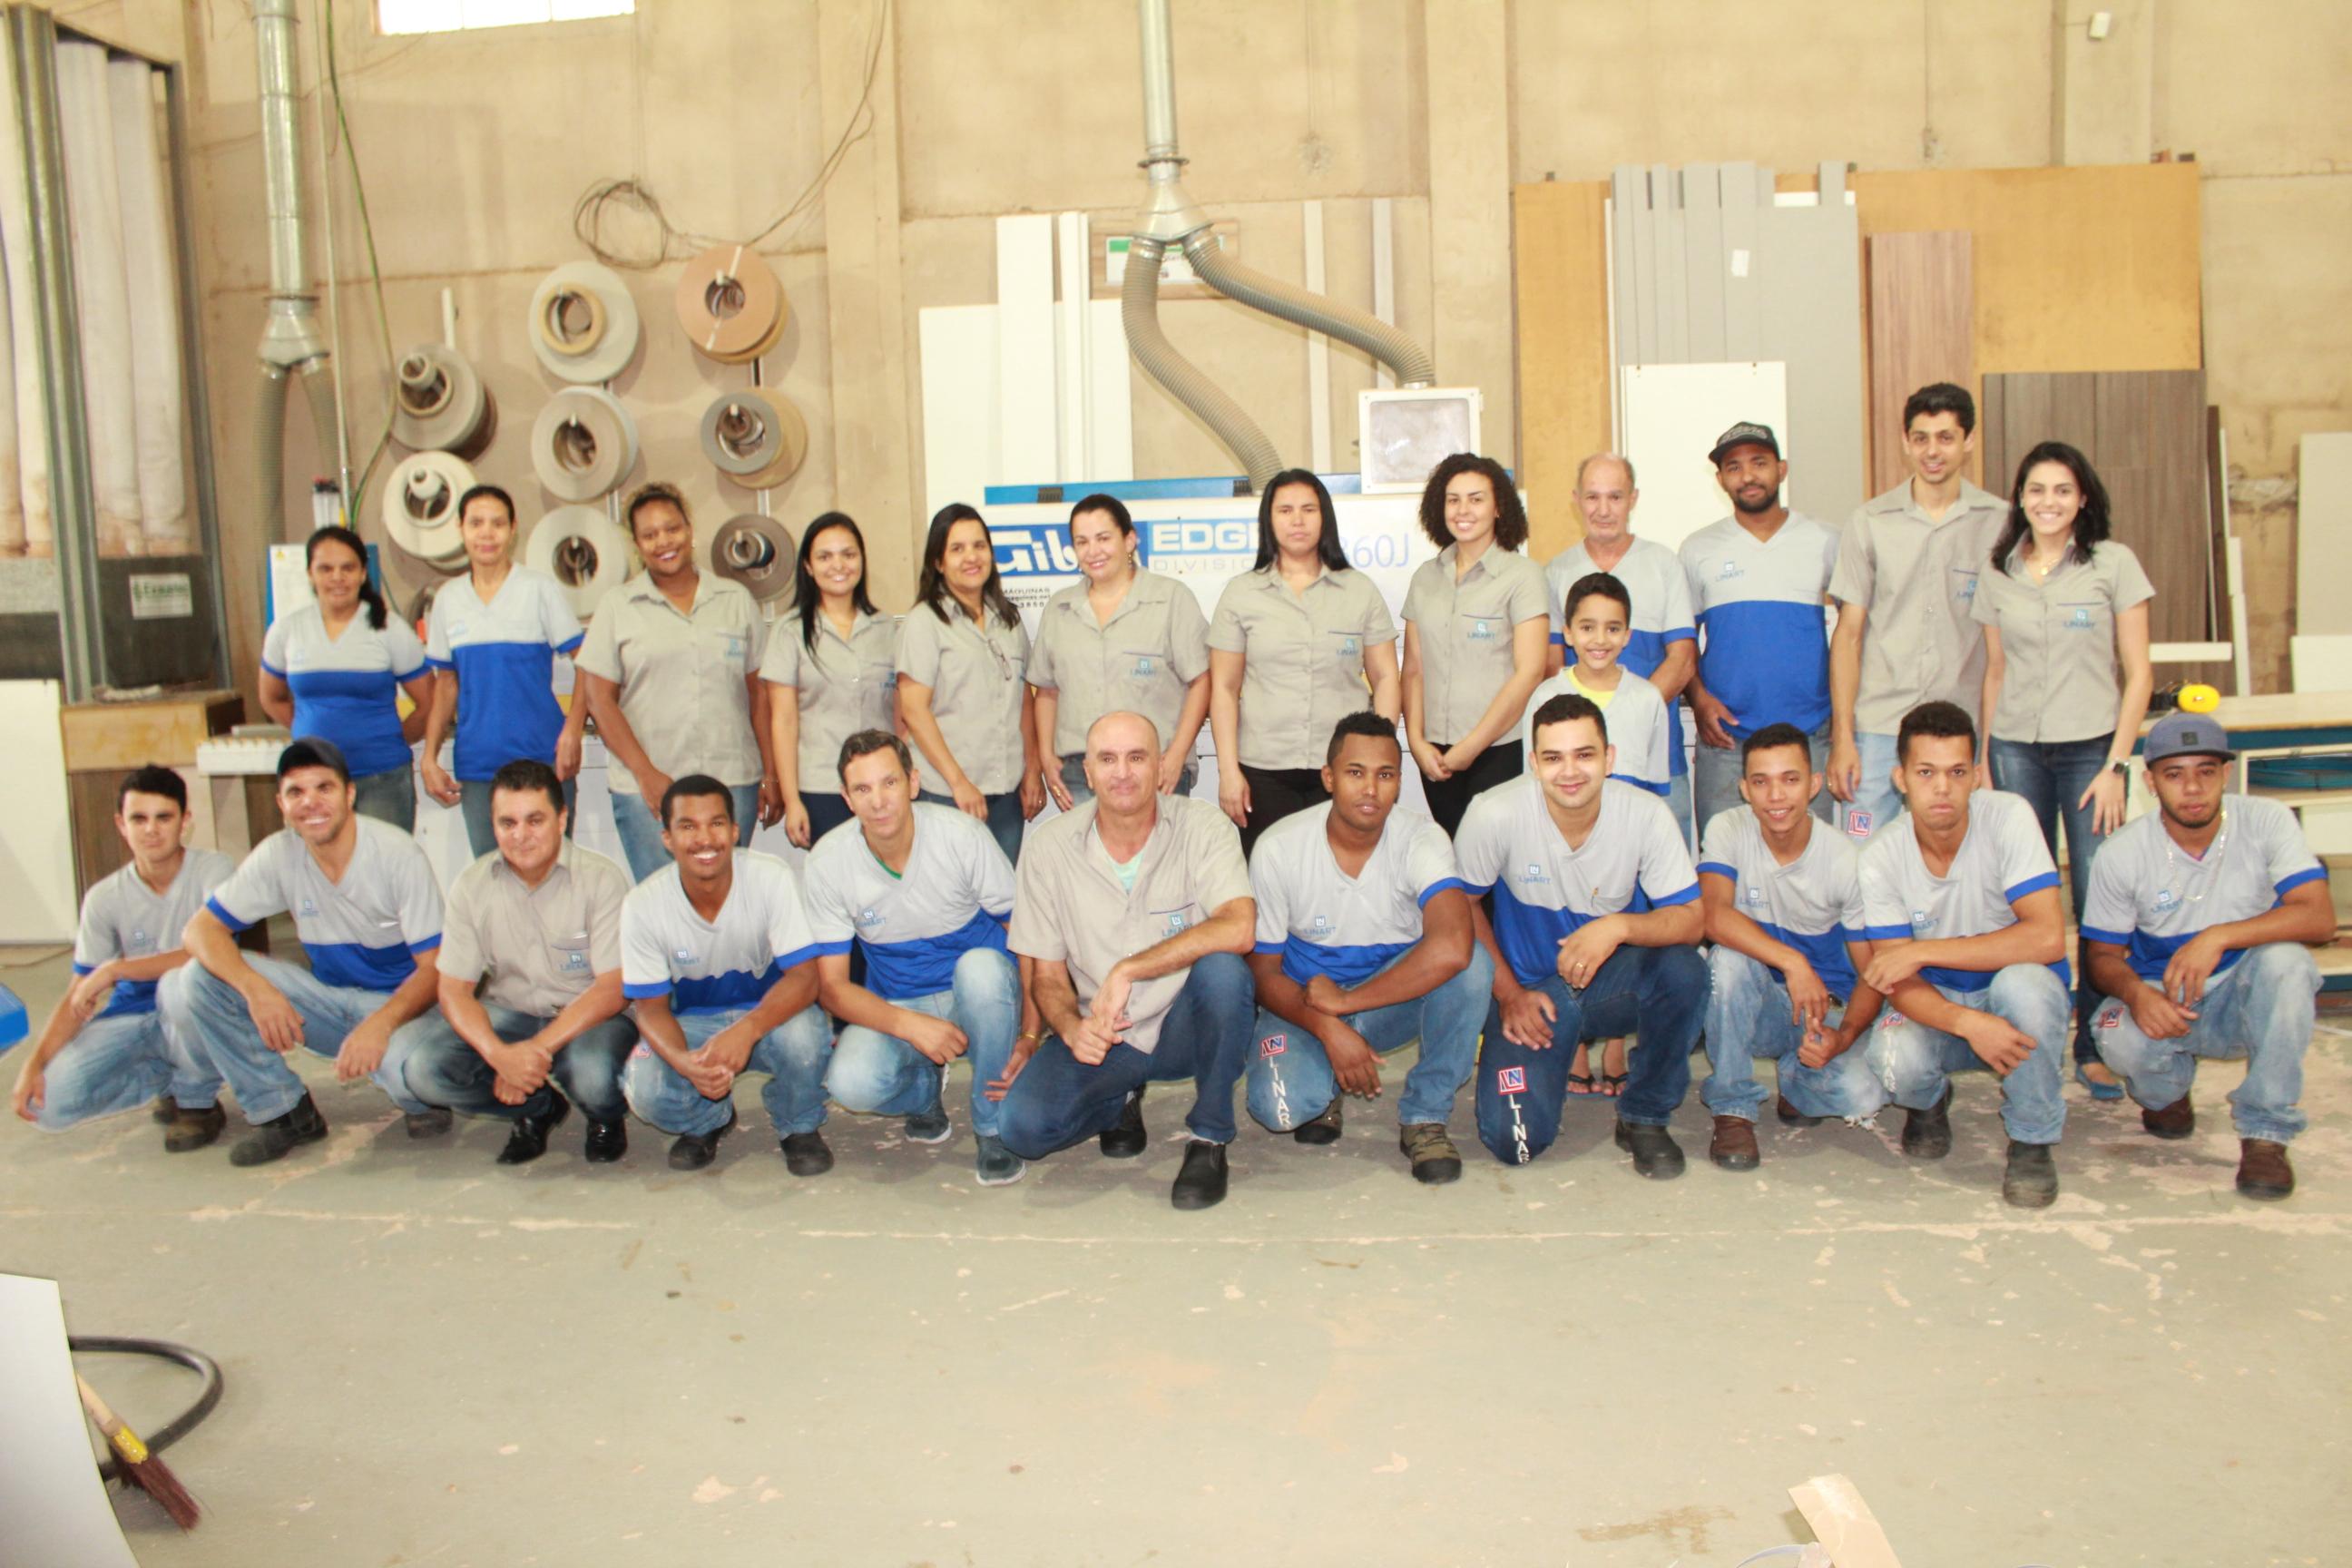 Grupo Linart completa 30 anos de mercado com marca nova e mesma dedicação aos clientes